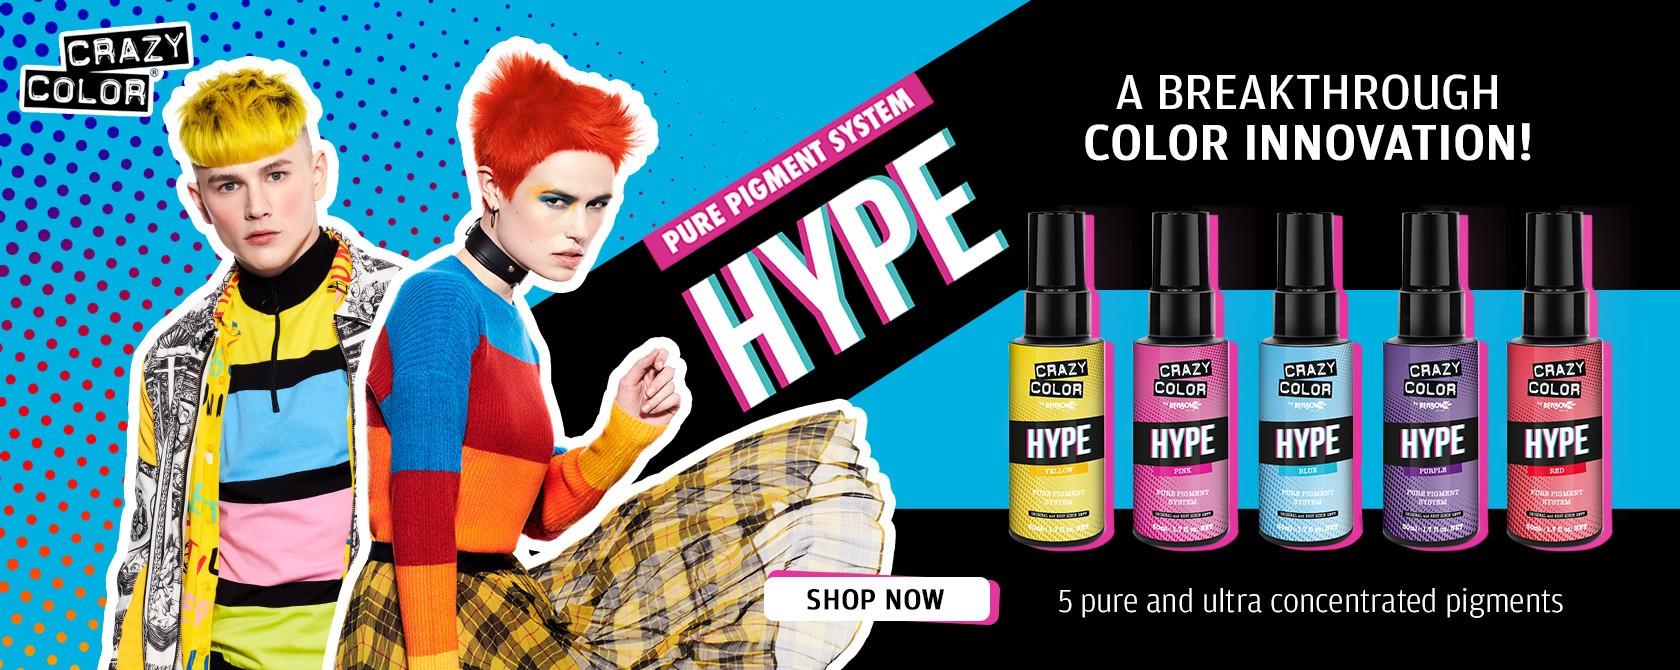 Hype color pigments